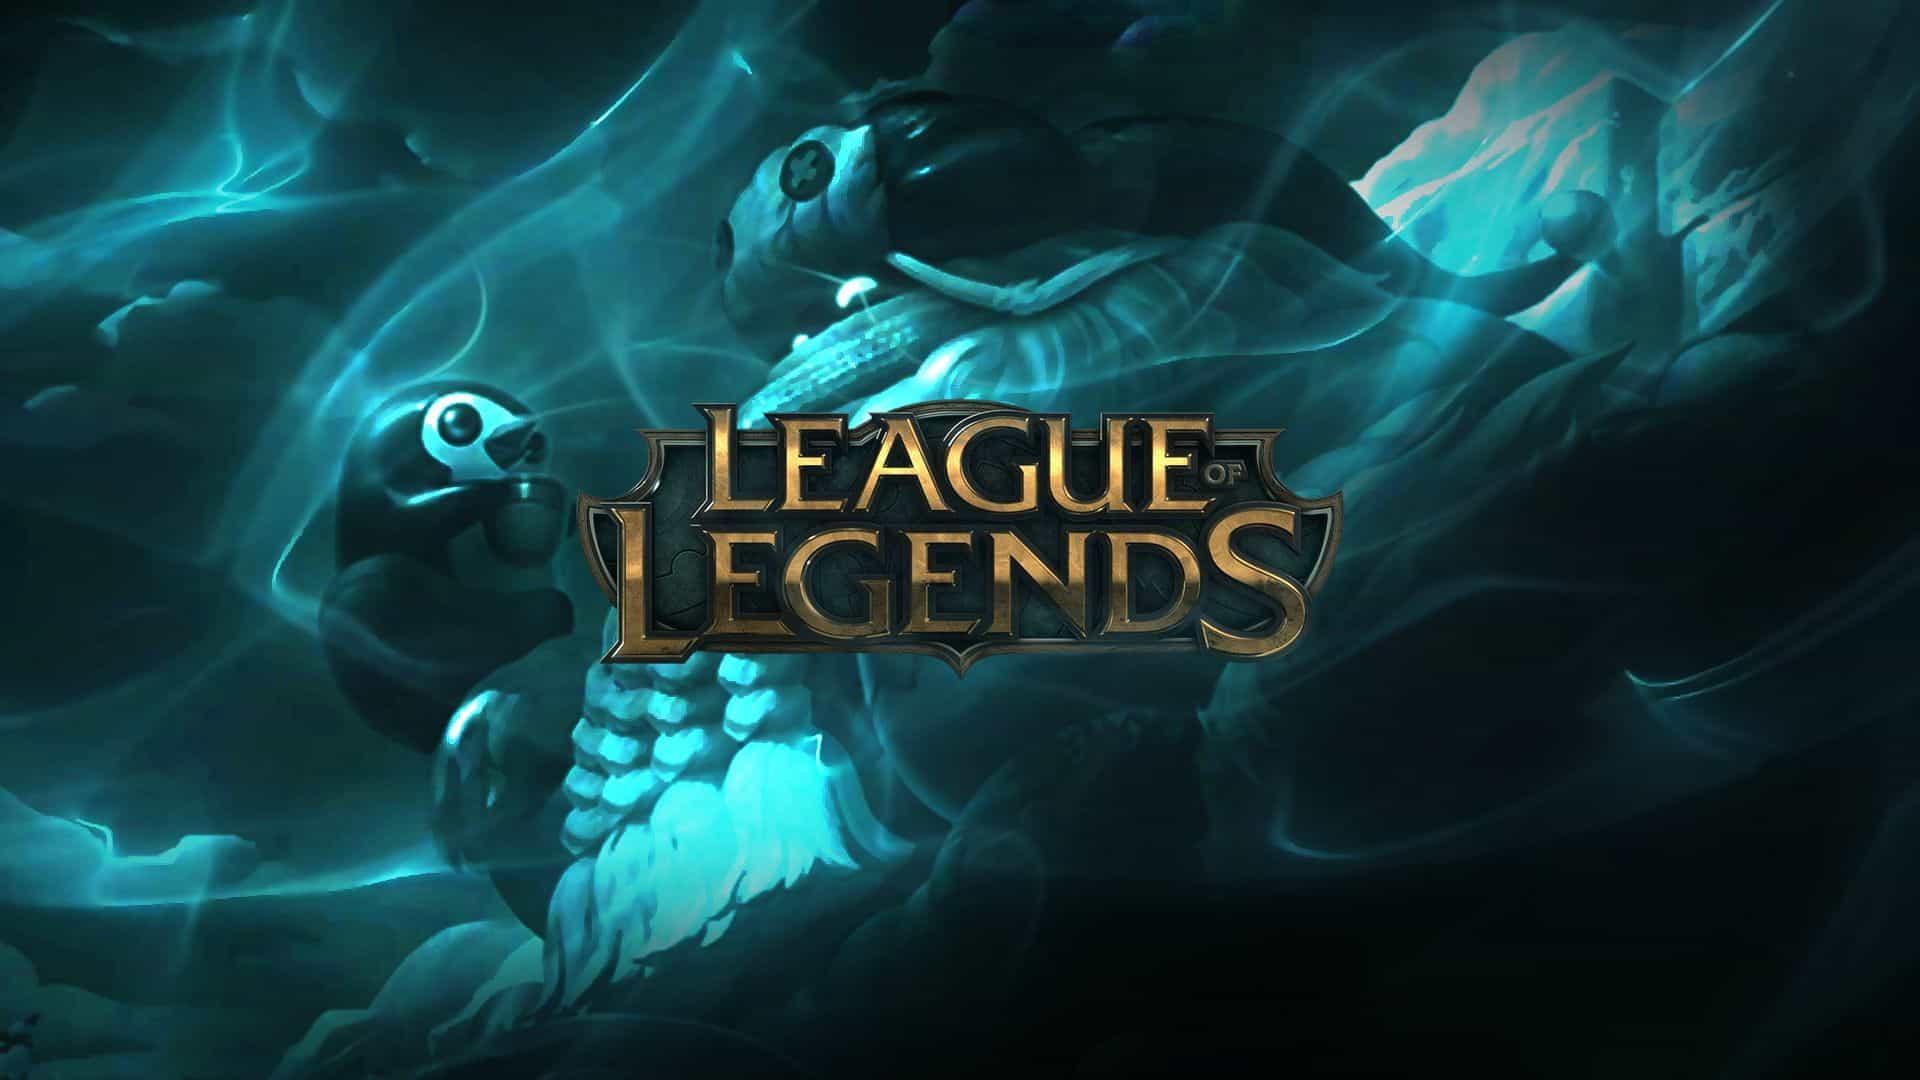 League of Legend lol